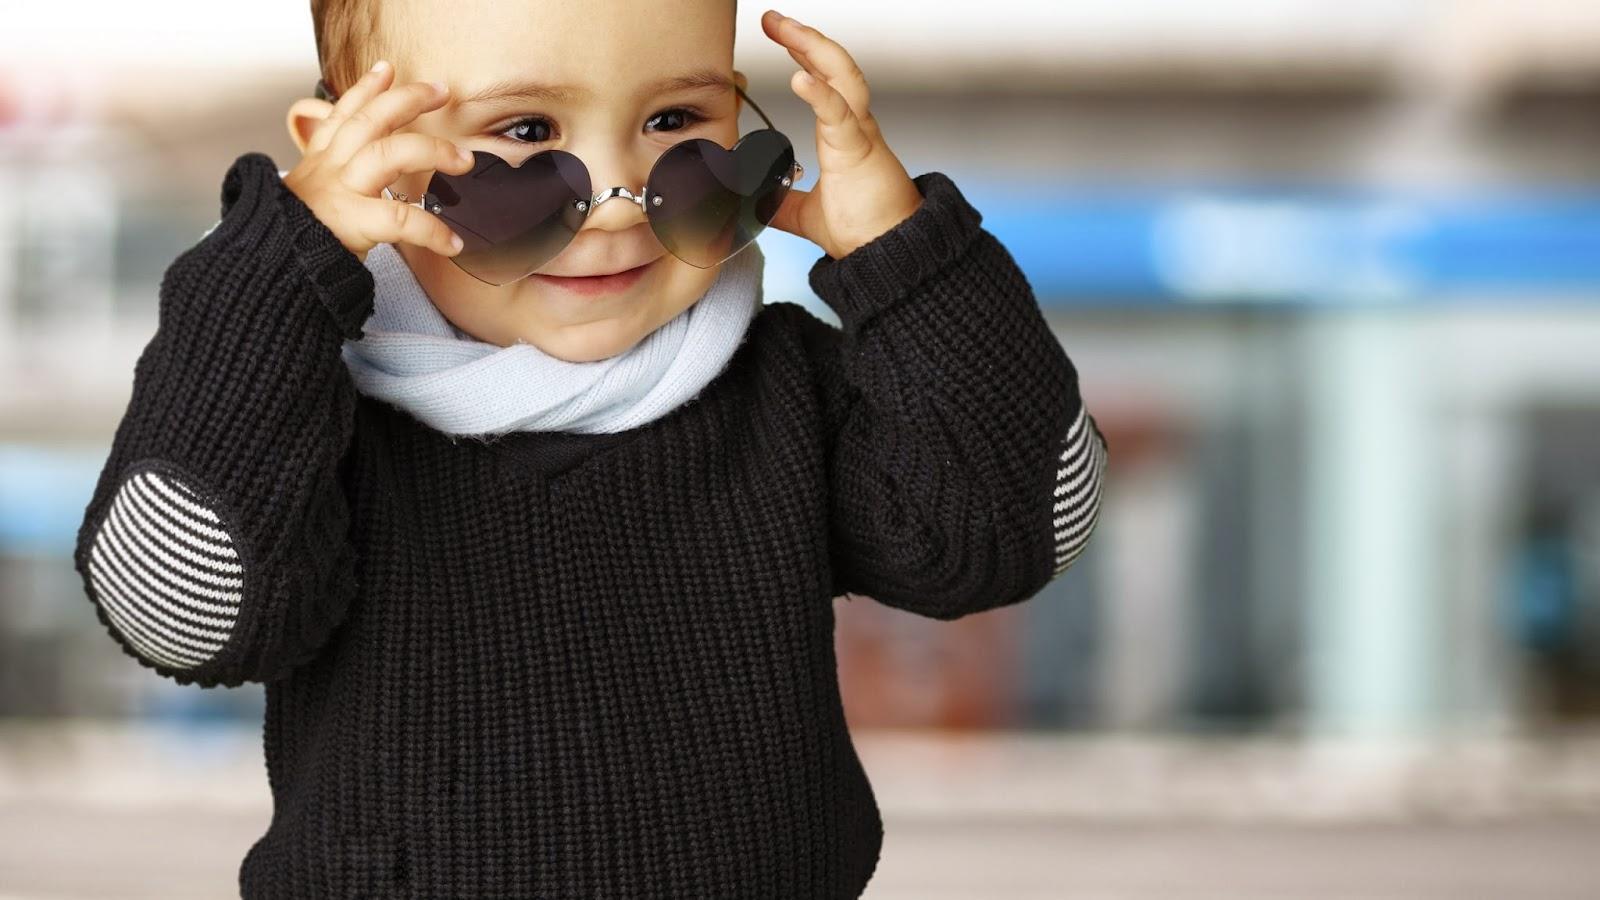 صور أطفال جميلة 2020 17